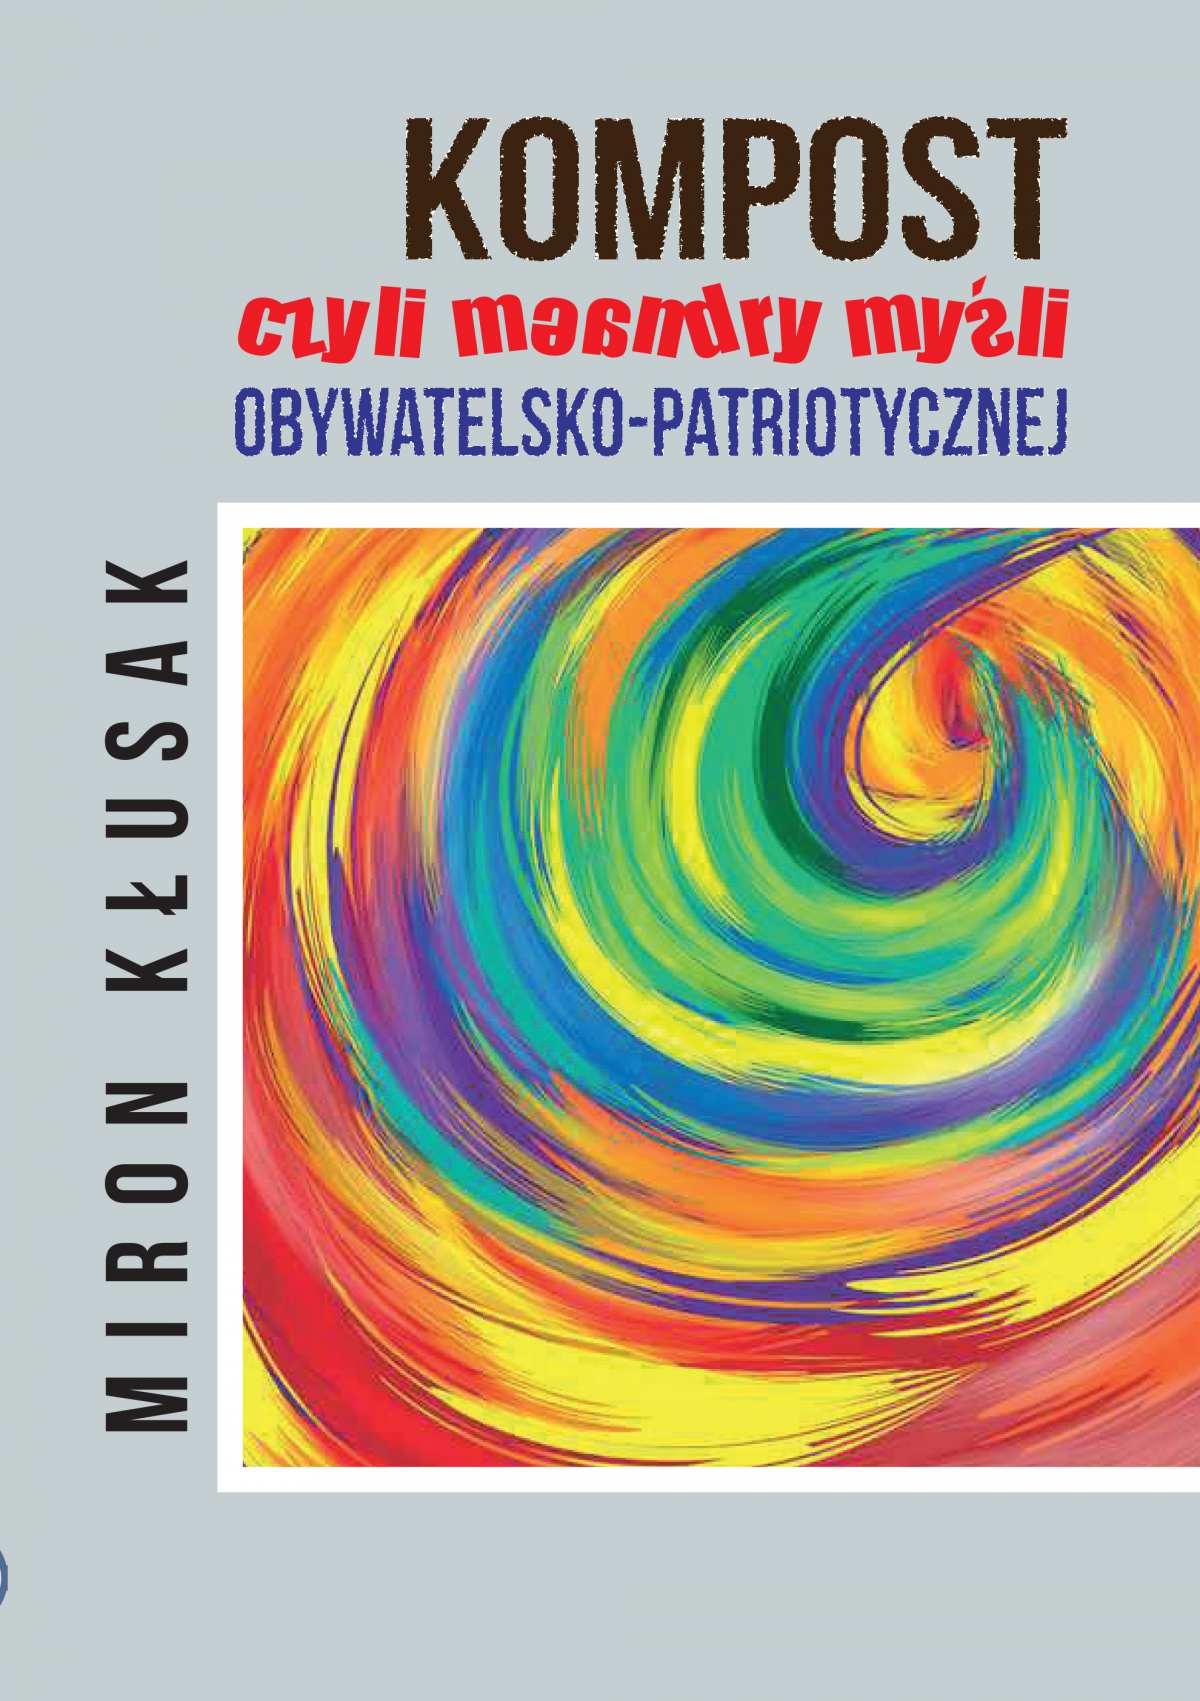 Kompost, czyli meandry myśli obywatelsko-patriotycznej - Ebook (Książka na Kindle) do pobrania w formacie MOBI